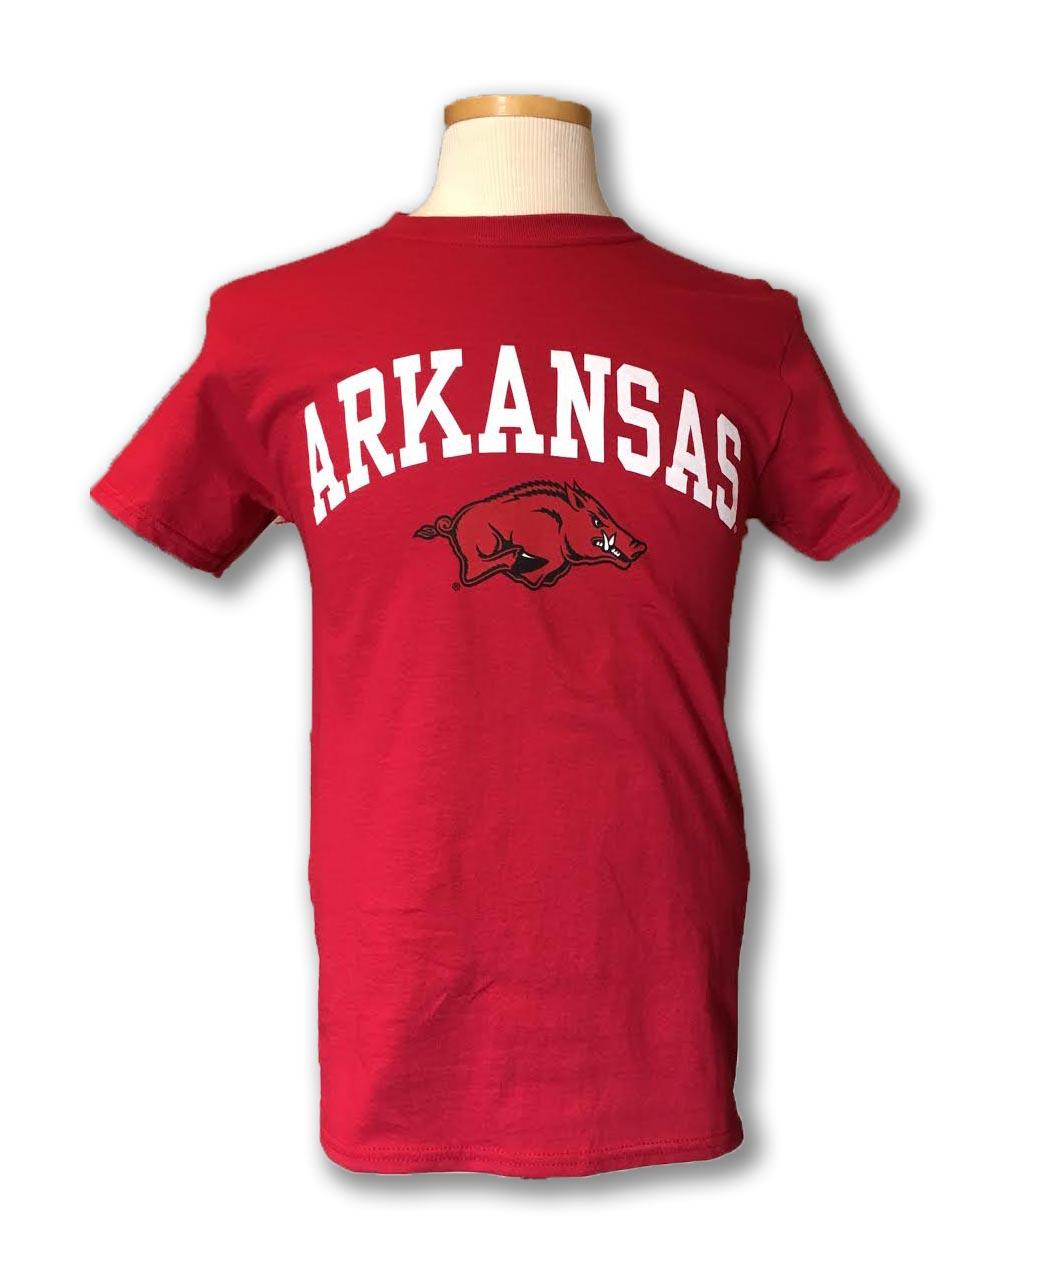 Arkansas Generic Tee